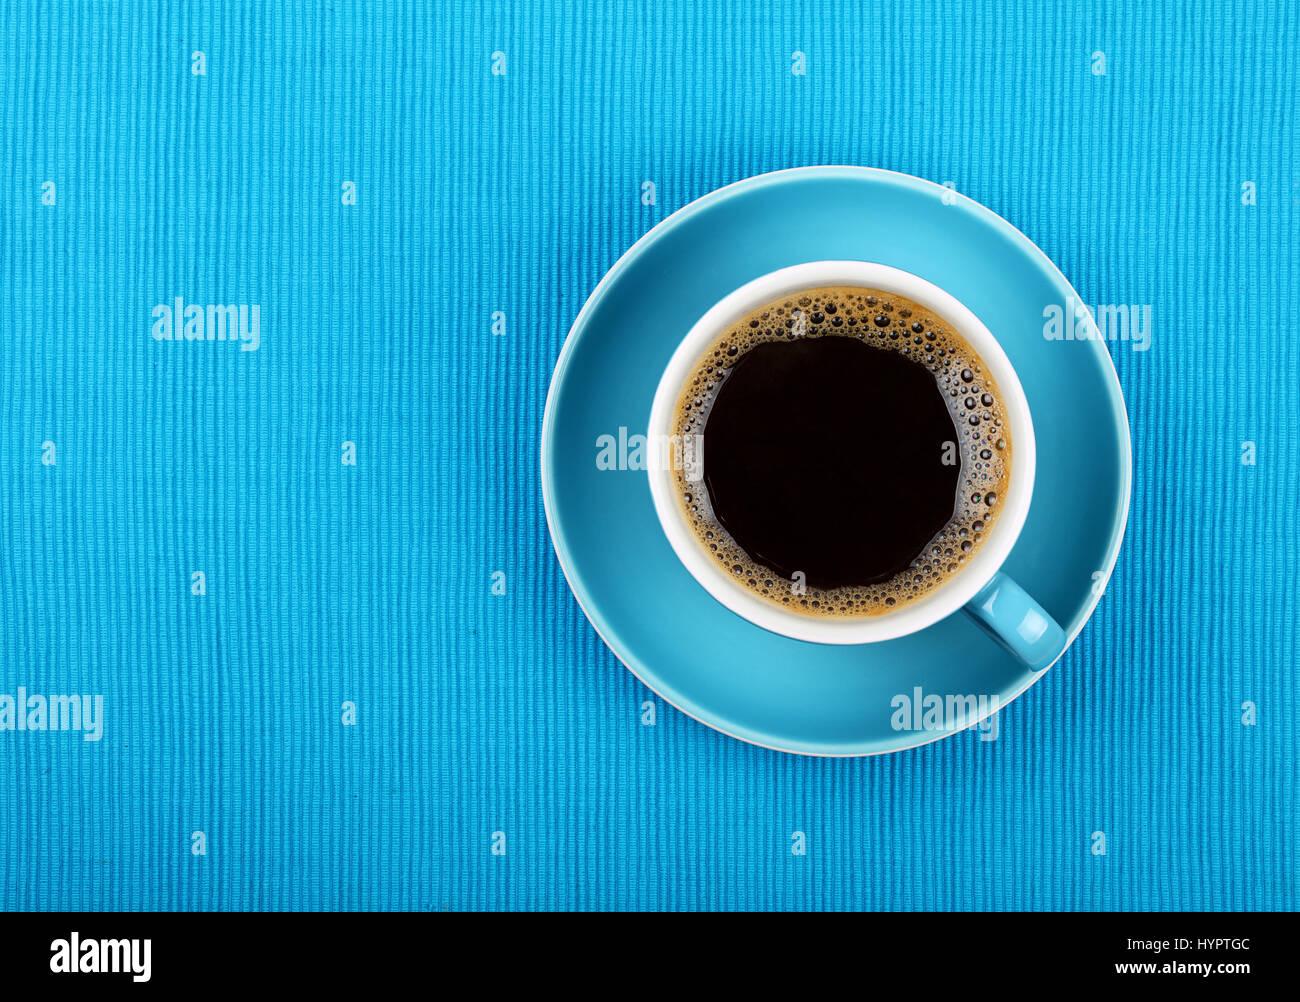 Tazza piena di nero americano o caffè istantaneo sul piattino sulla tovaglia blu, close up, elevati vista superiore Immagini Stock